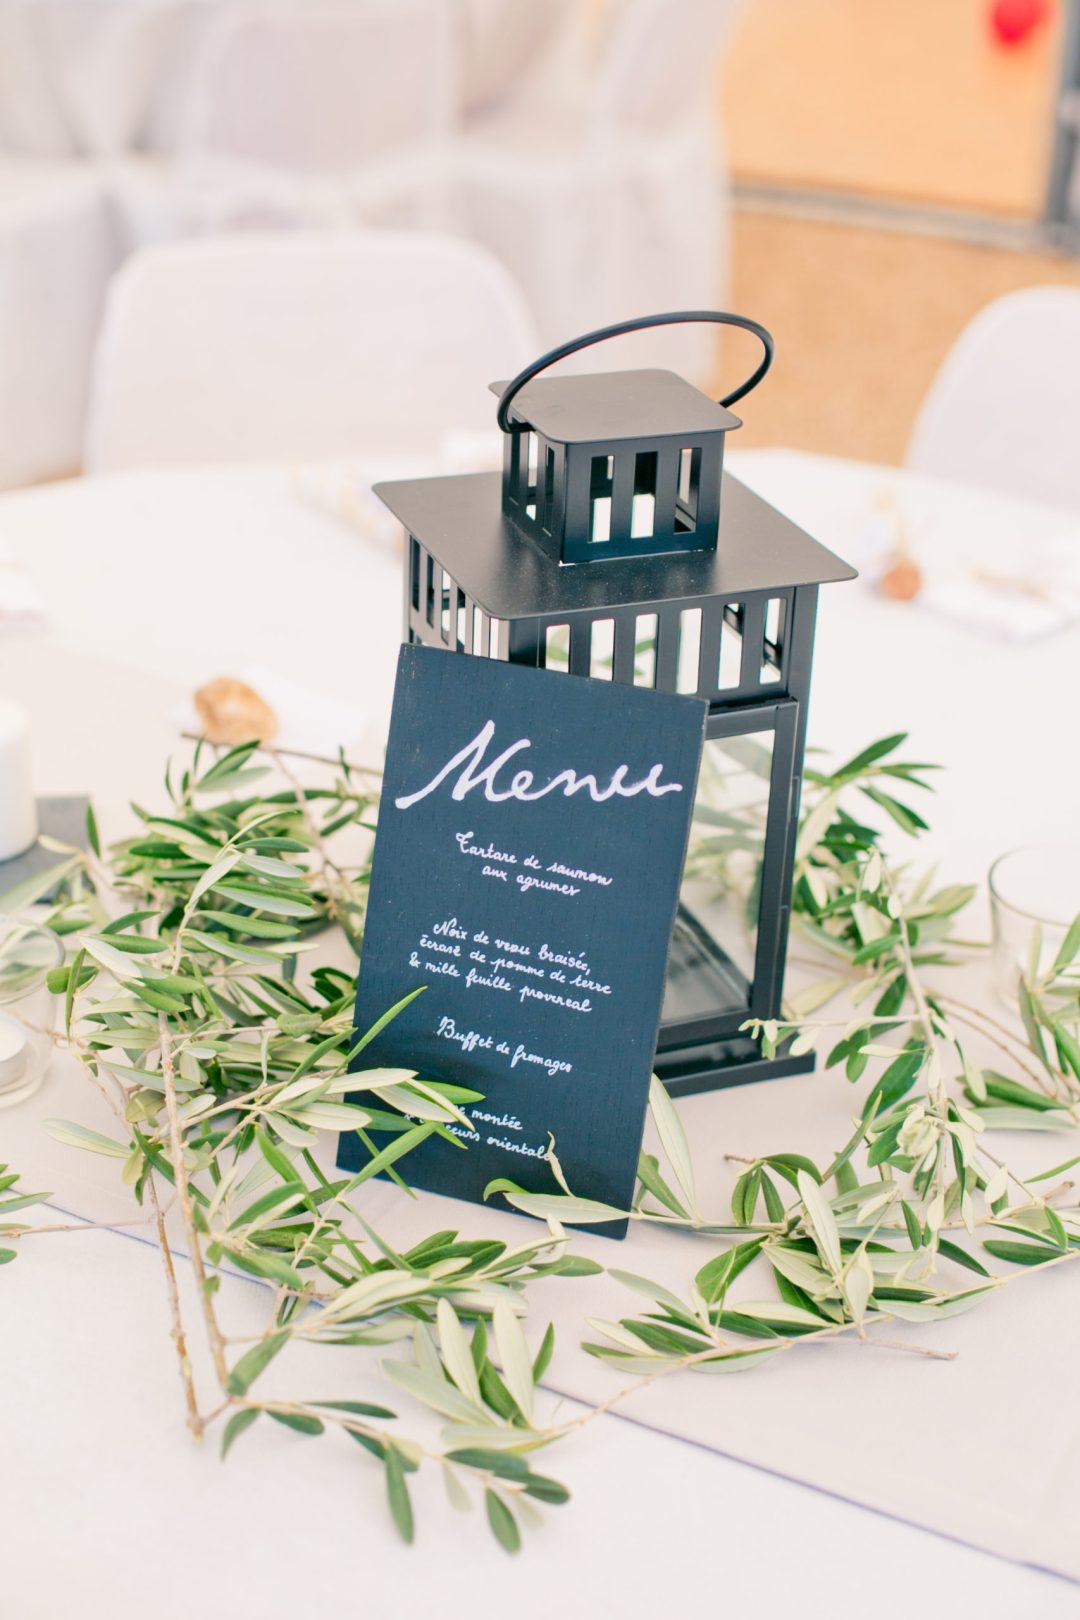 Menu, mariage, plan de table, olivier